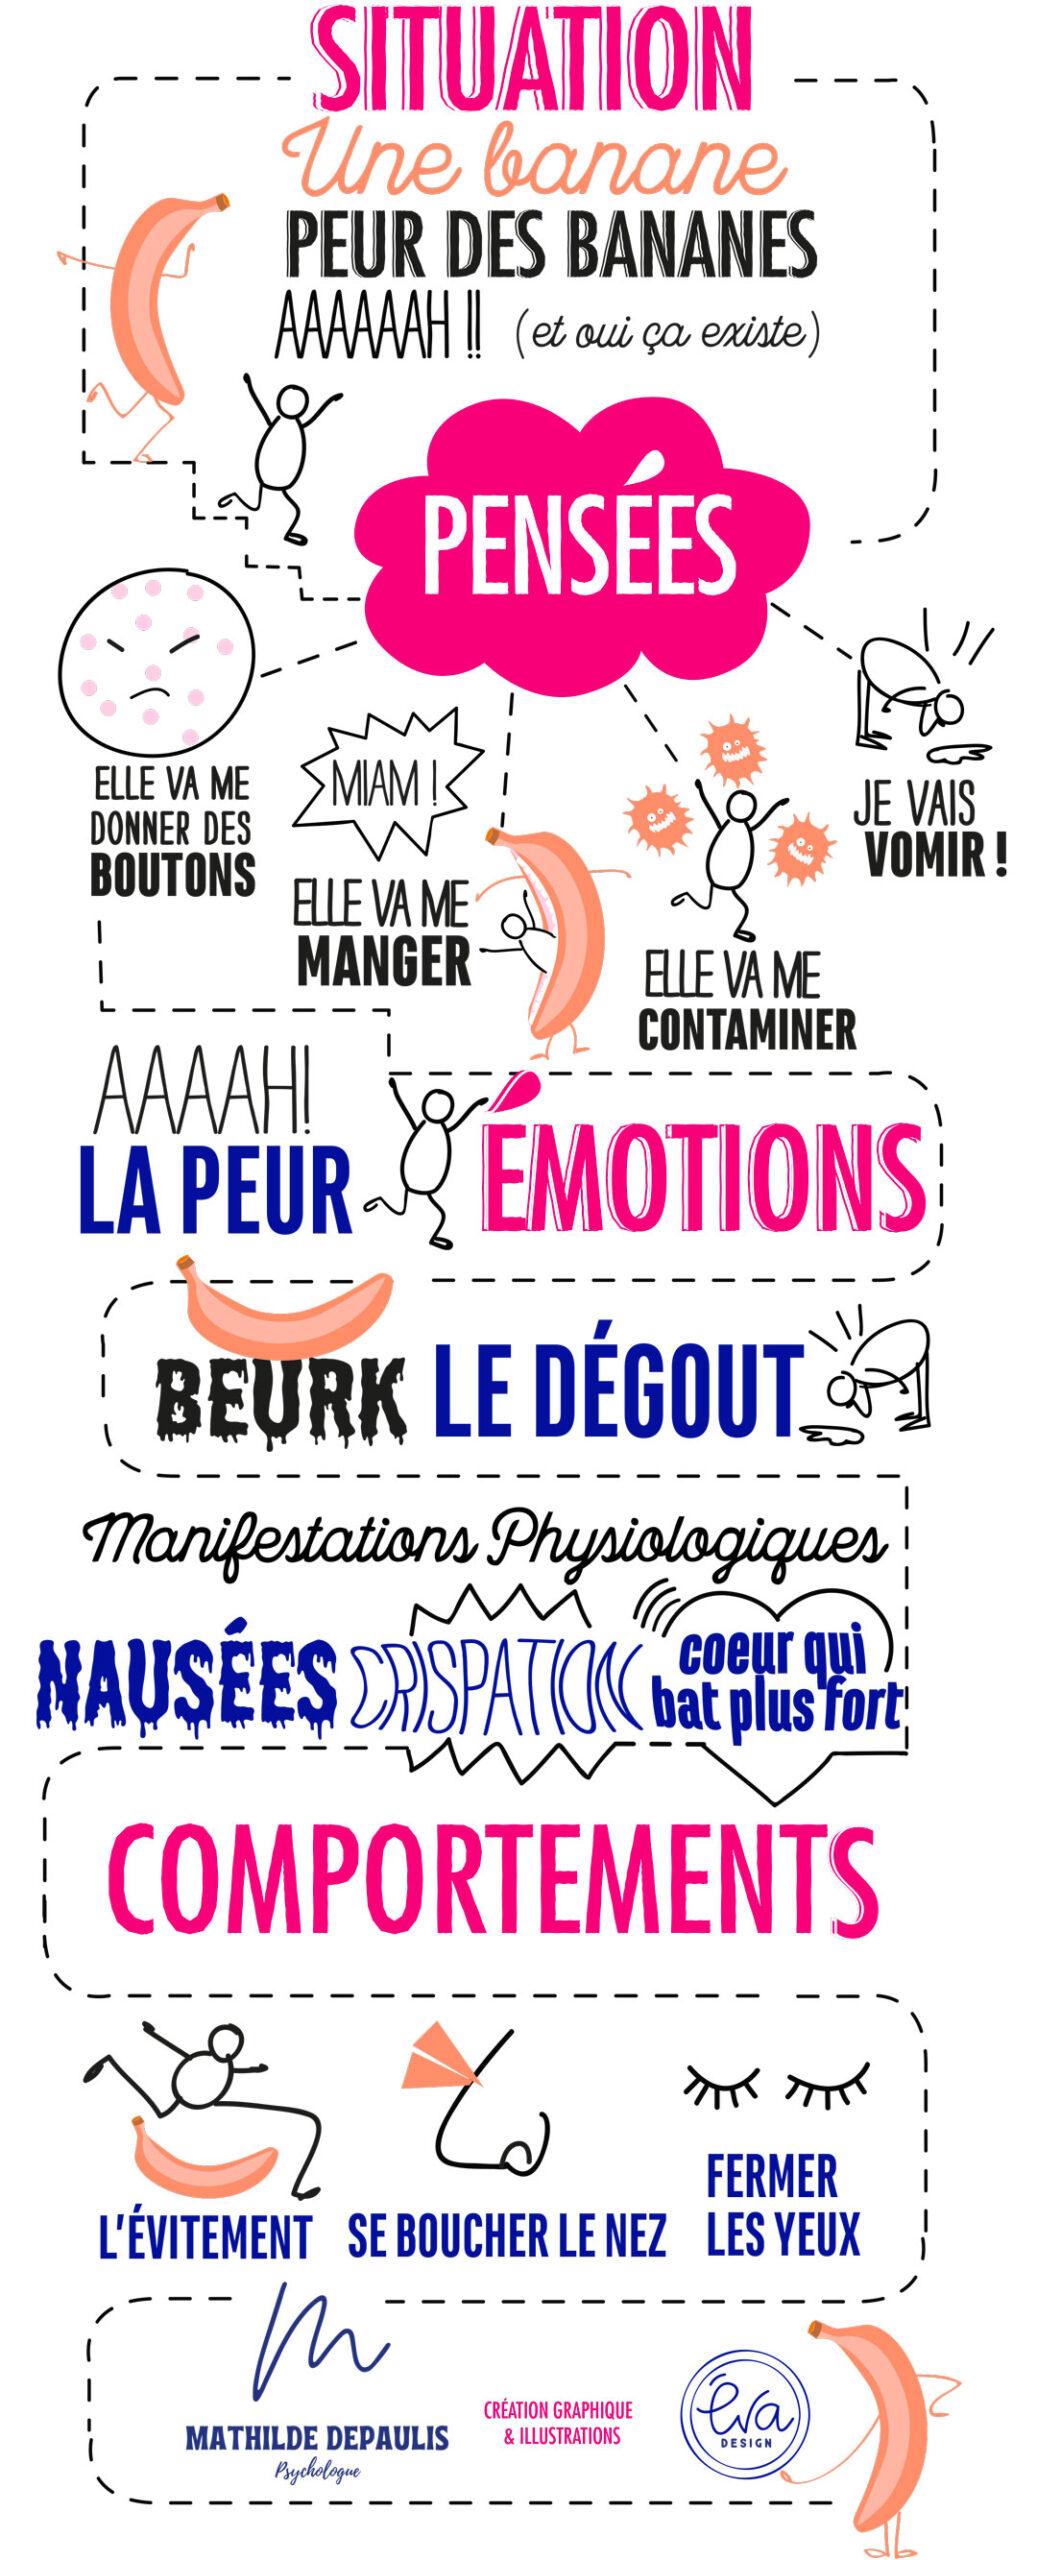 schema des situations et des émotions et comportements